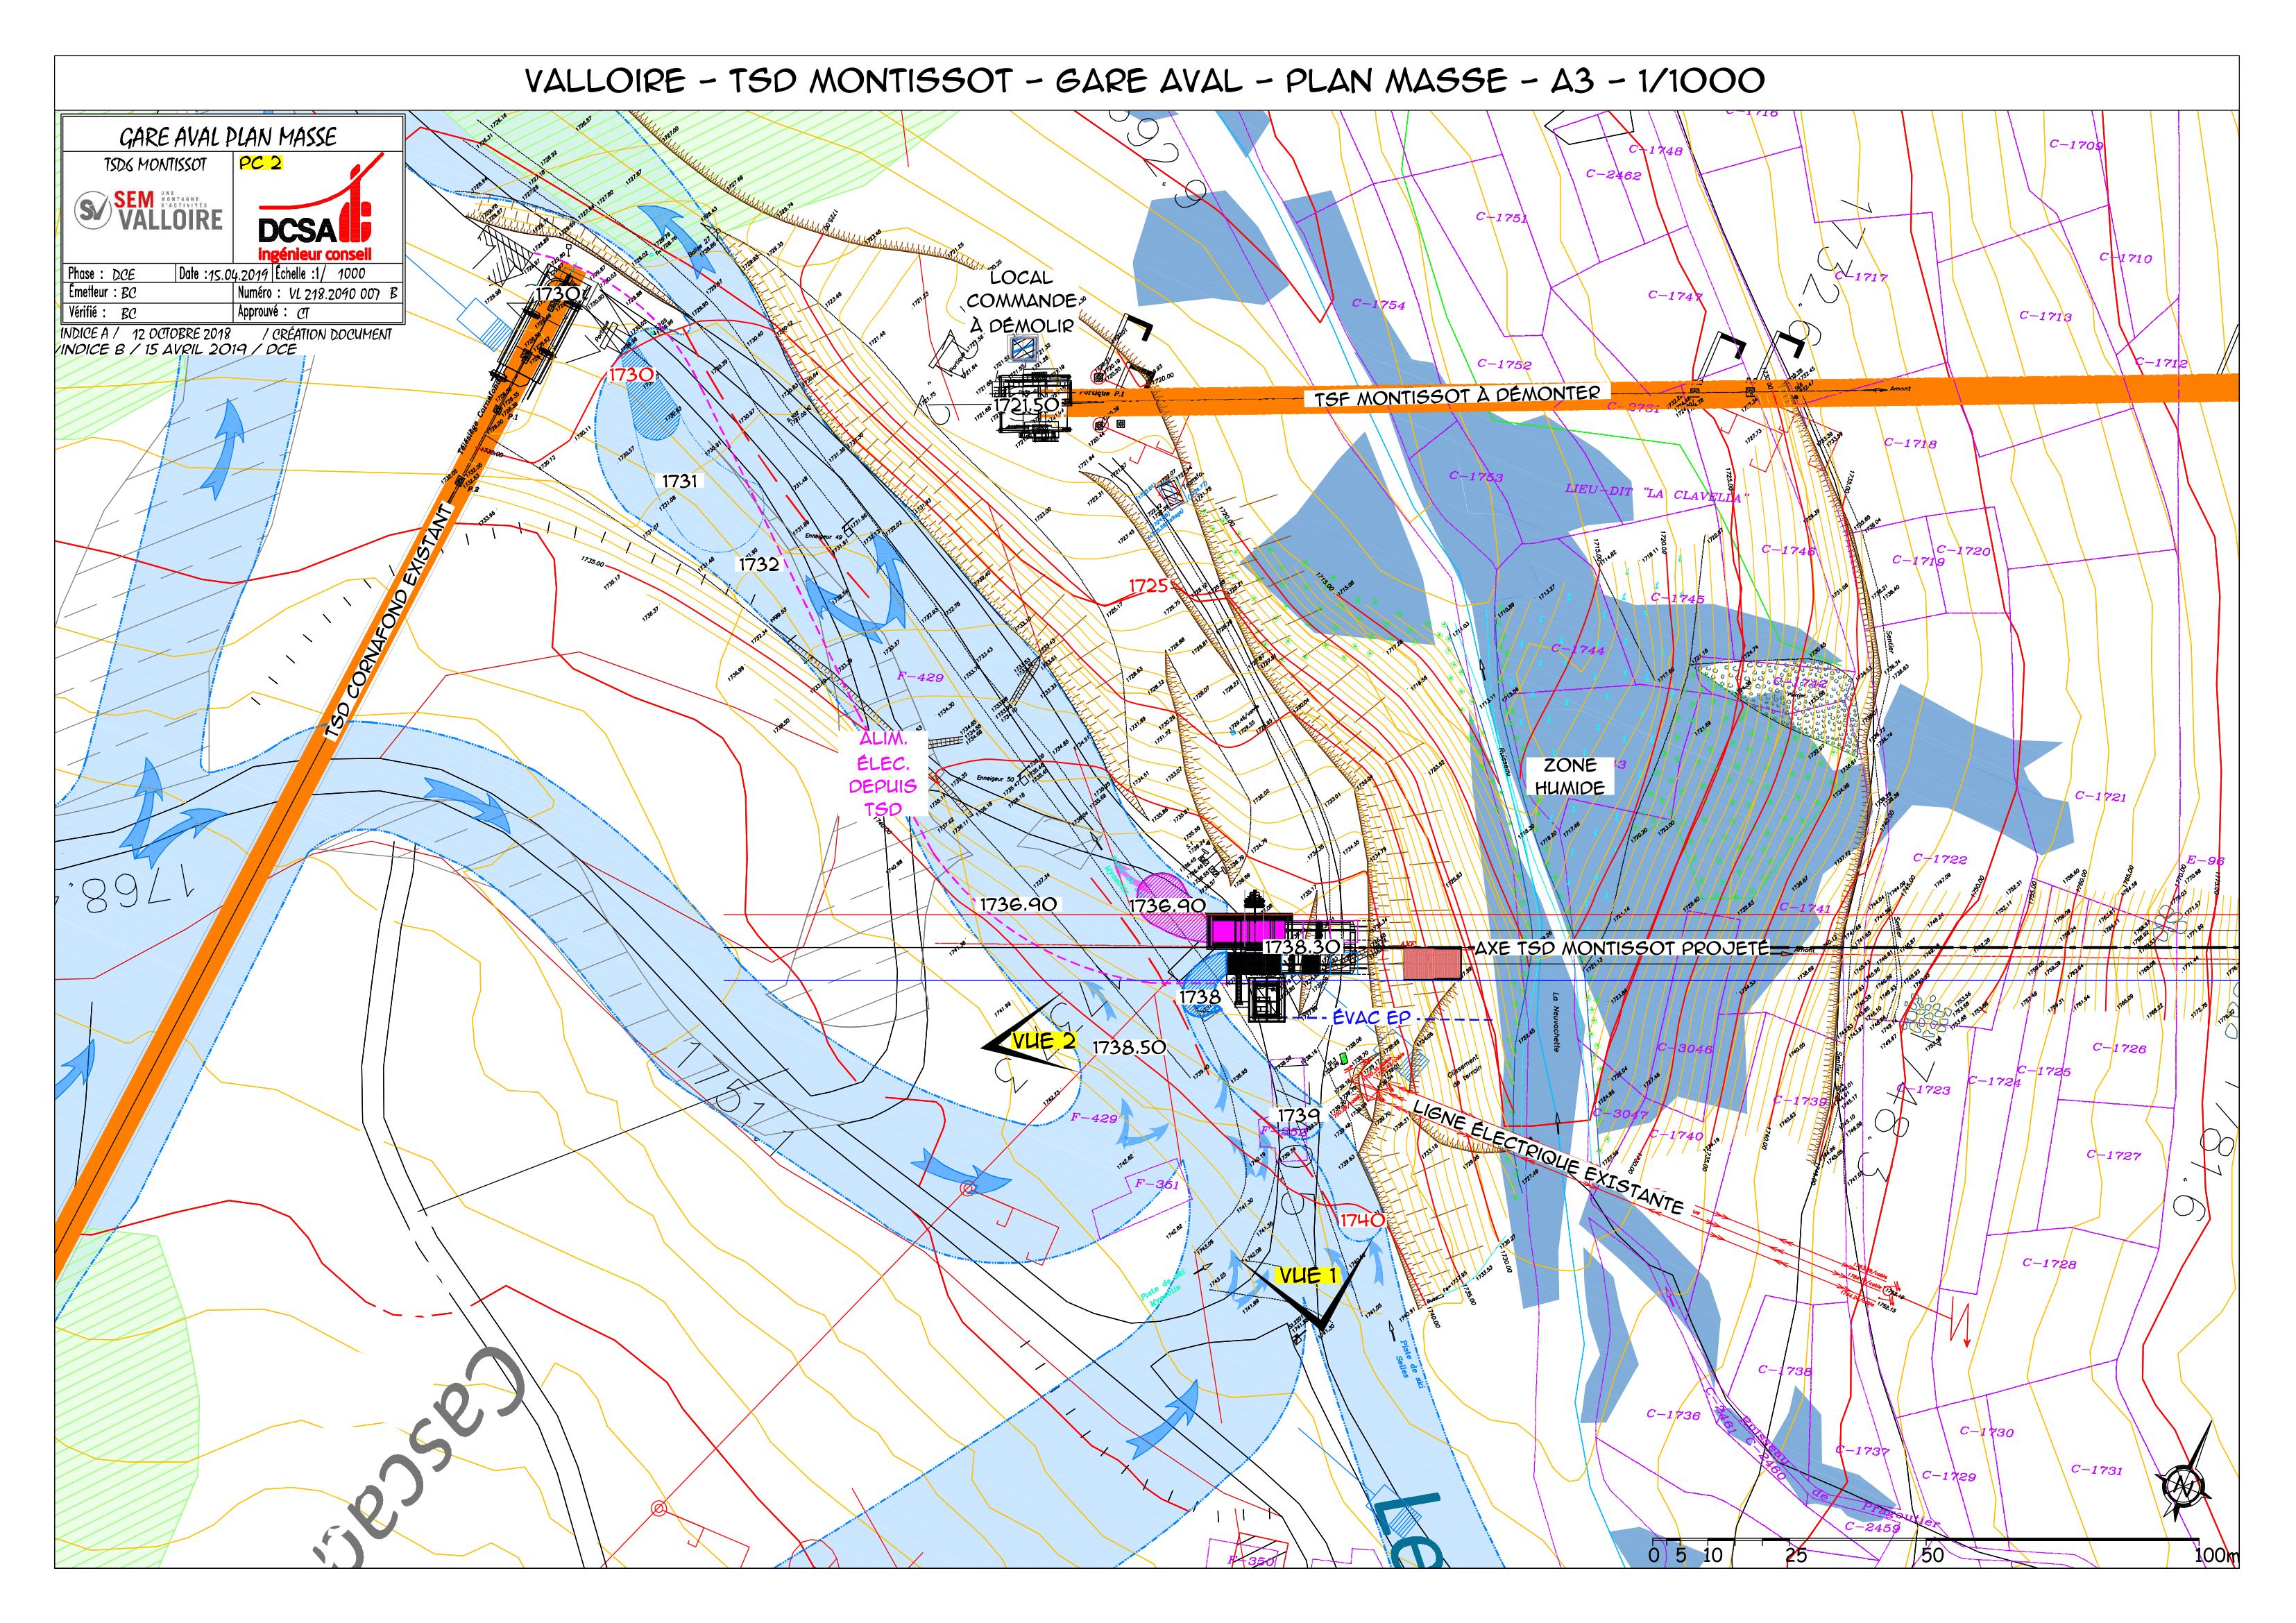 VL-218-2090-007-B-1.png